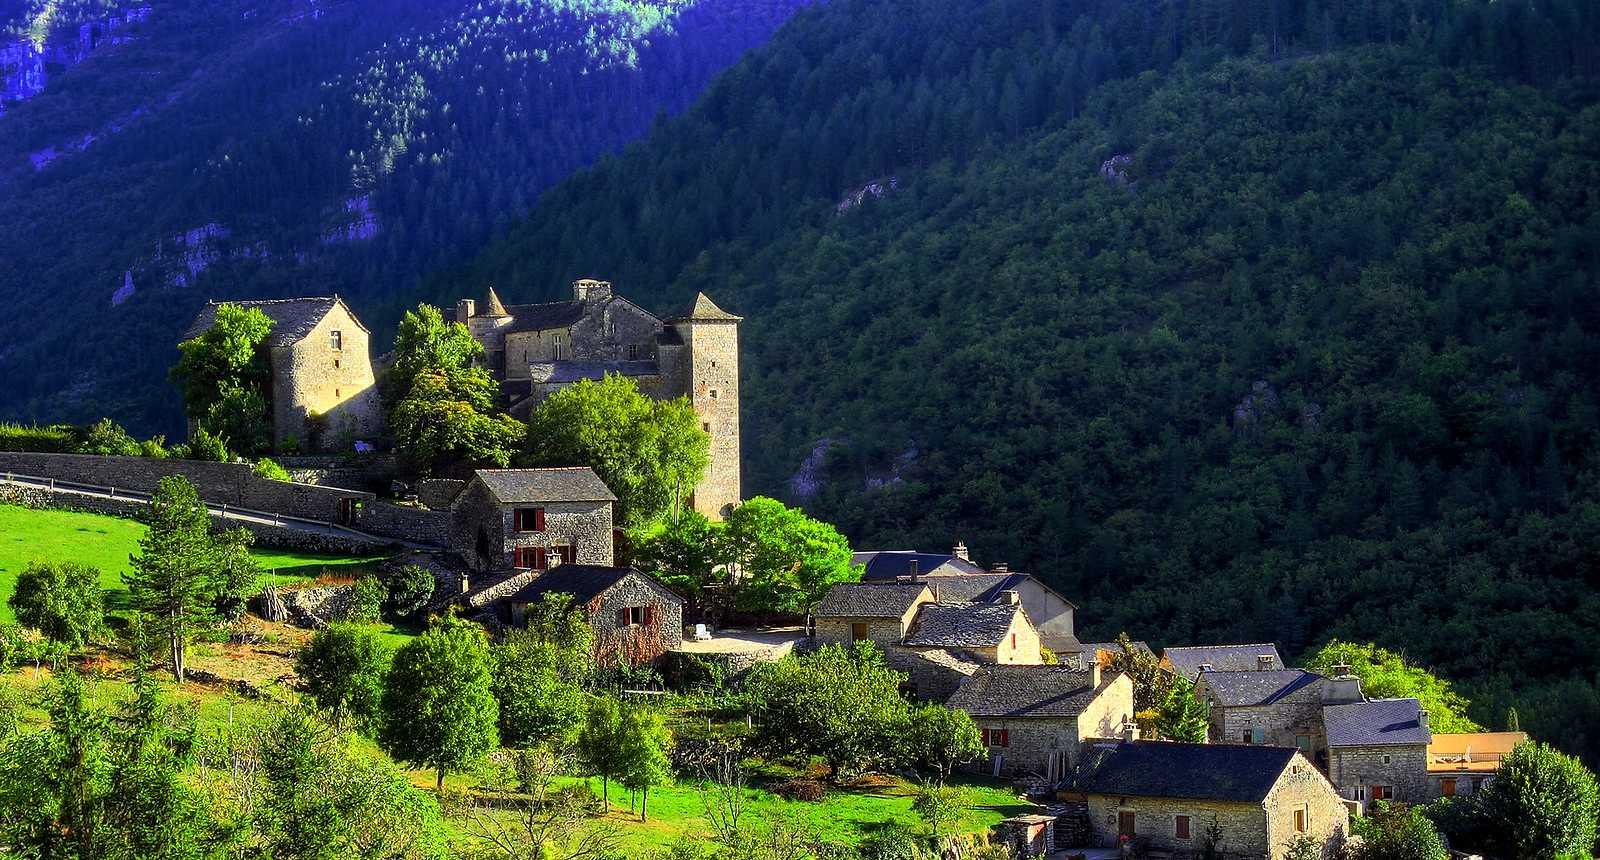 Photo village de blajoux dans les gorges du tarn 1855 diaporamas images - Leboncoin dans le tarn ...